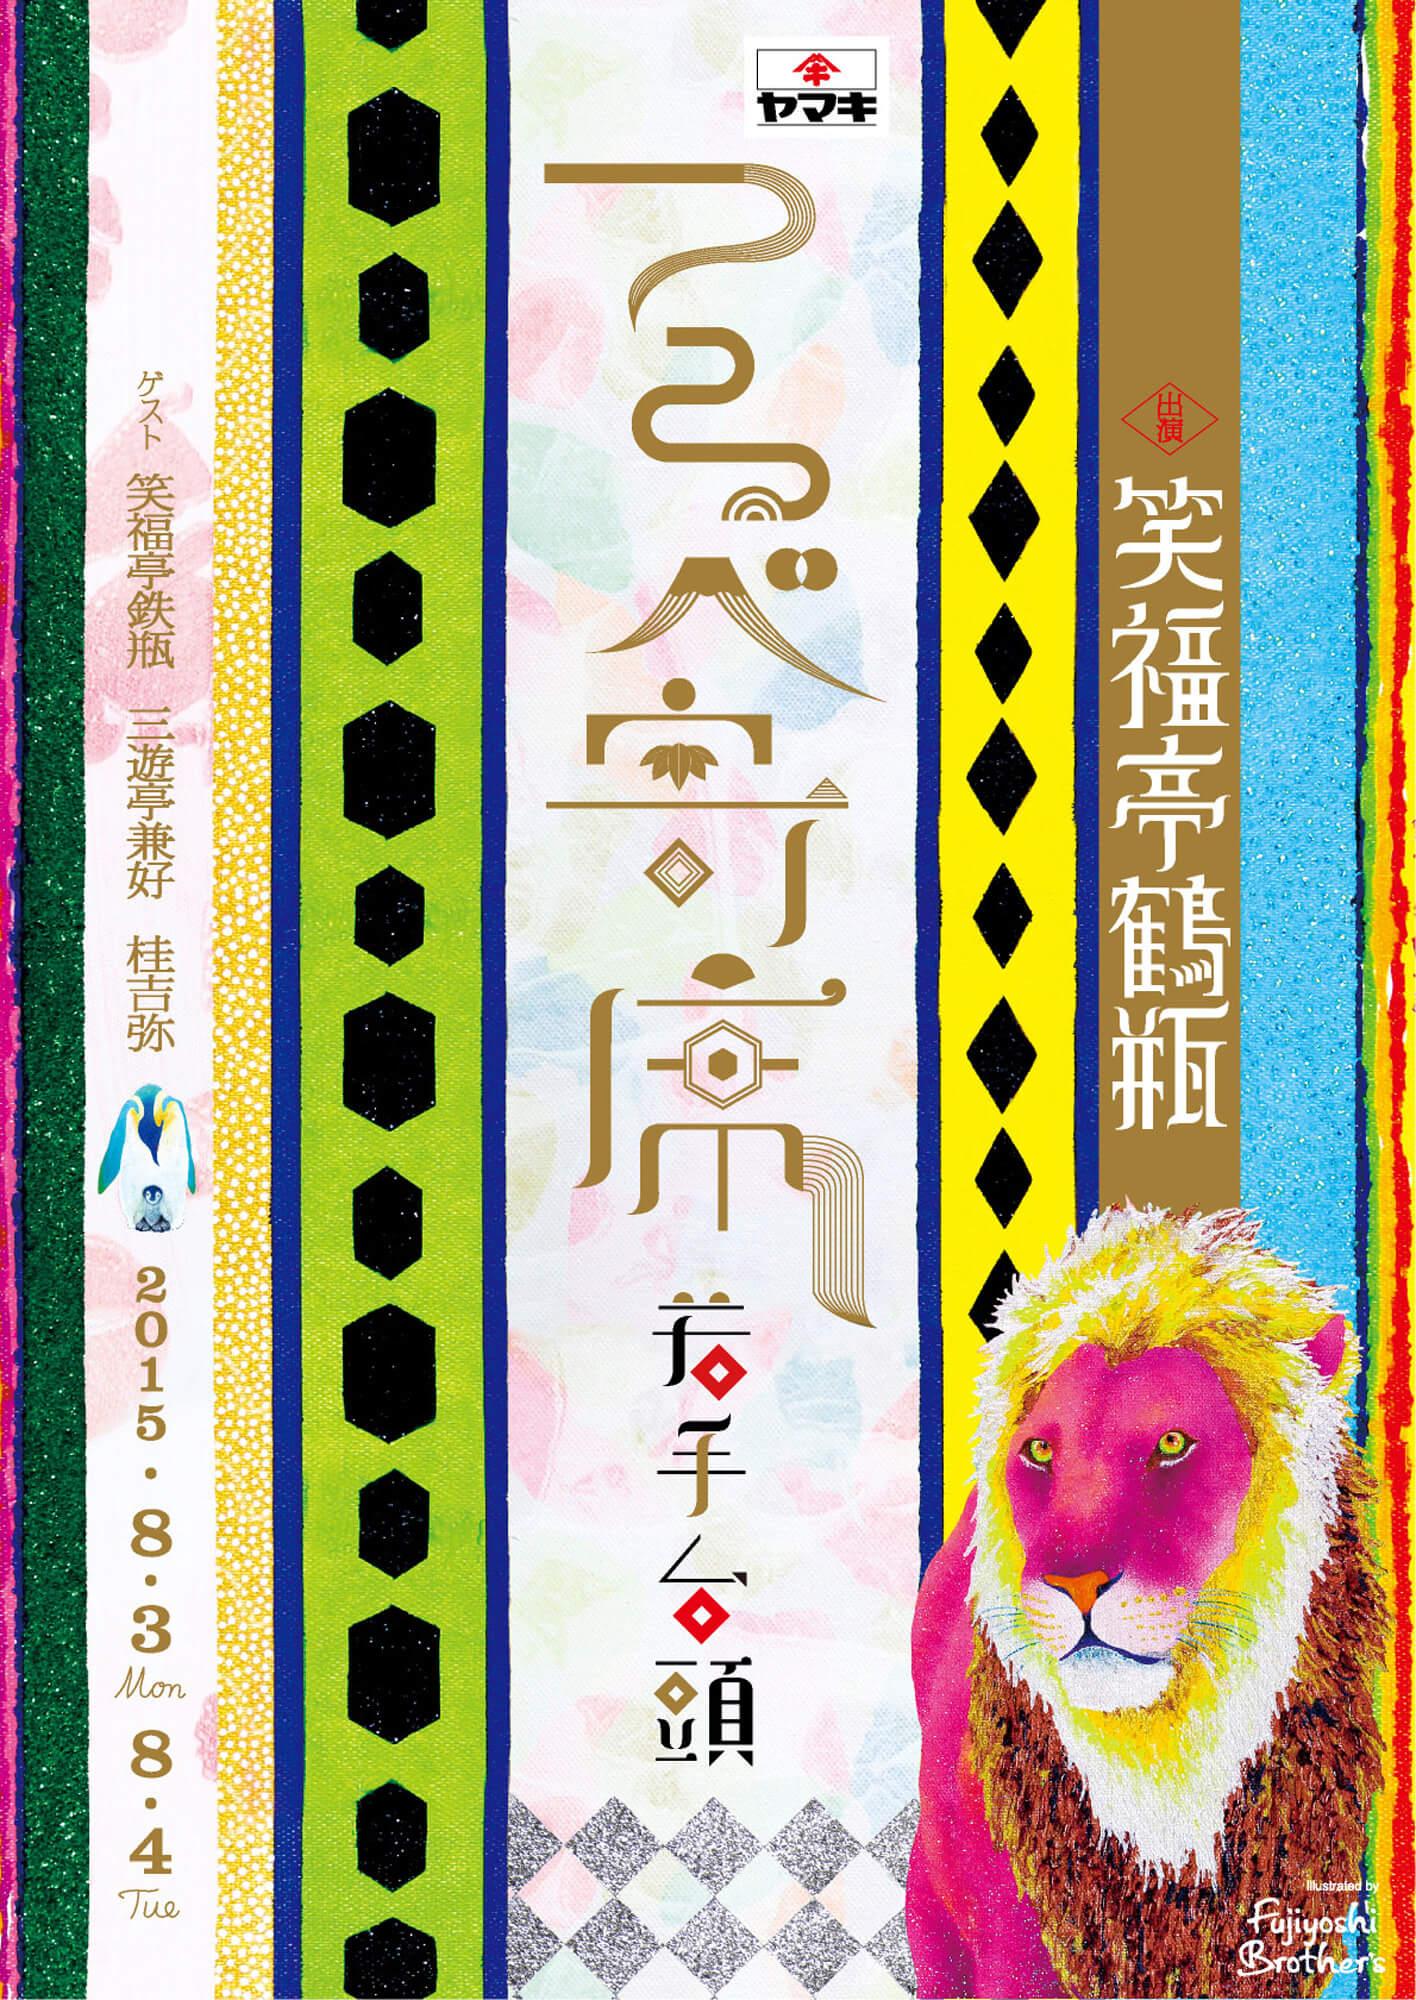 鶴瓶寄席, 2015改行 Art Direction & Design : Stand×   Fujiyoshi Brother's